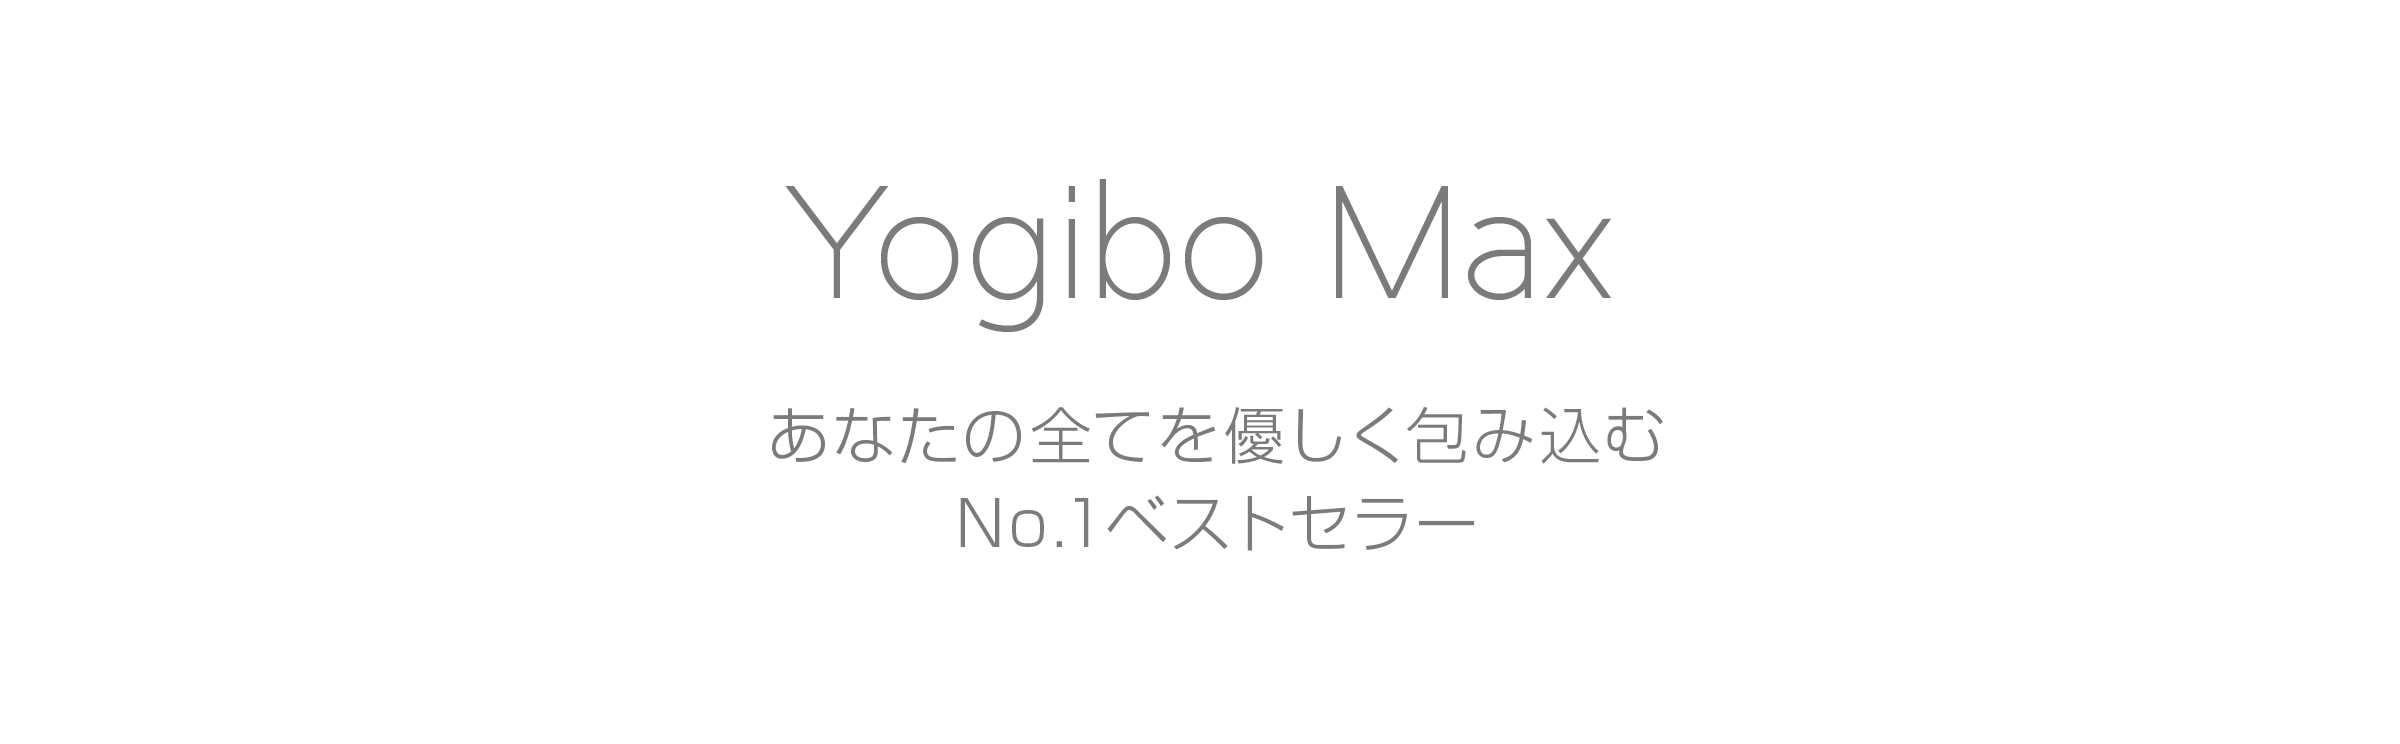 Yogibo Max あなたの全てを優しく包み込むNo.1ベストセラービーズソファ